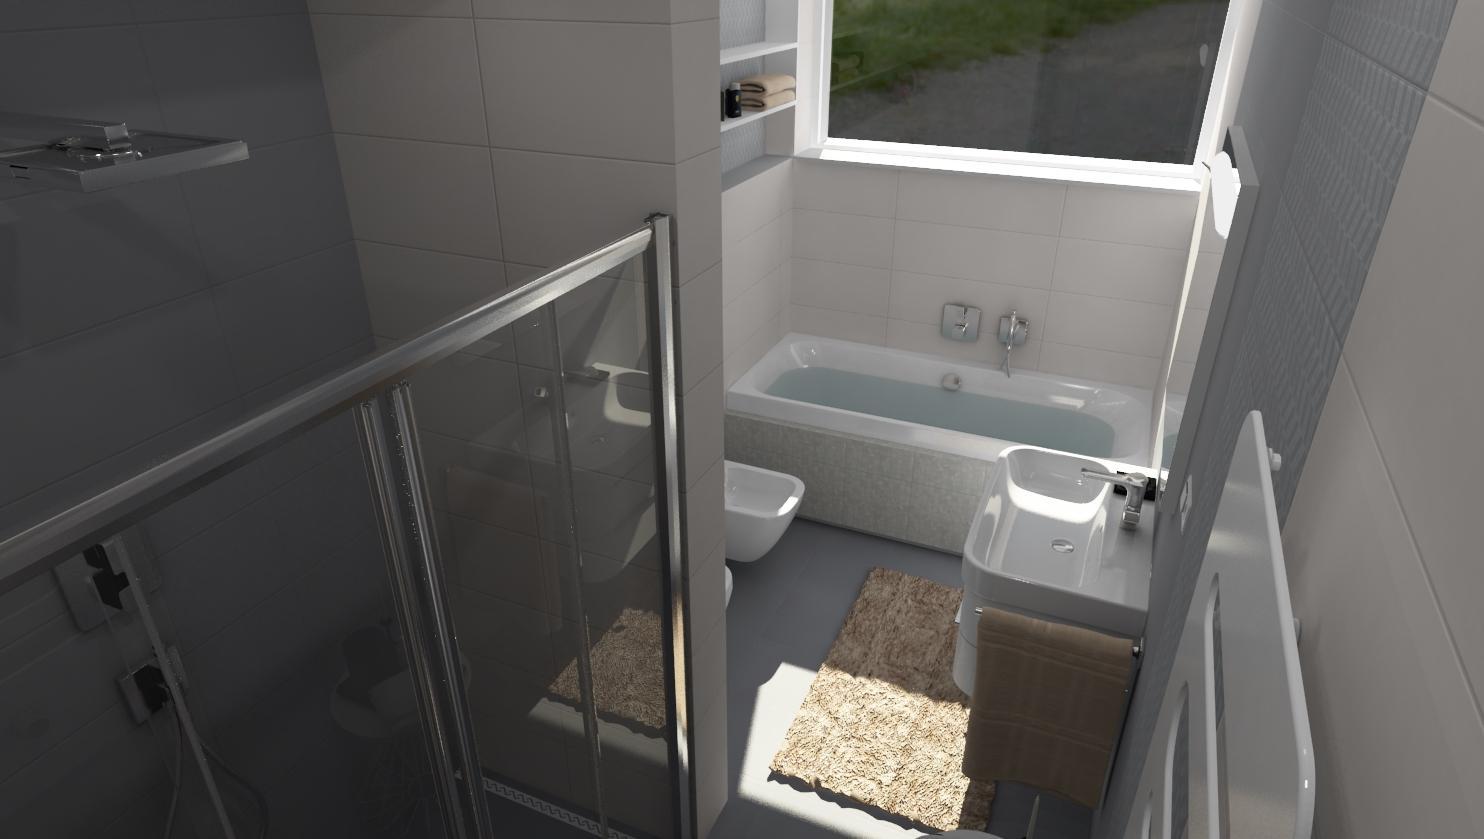 Vizualizácie kúpeľne - Vizualizácia kúpeľne PEARL / GREY 25x75 - www.modernekupelne.sk